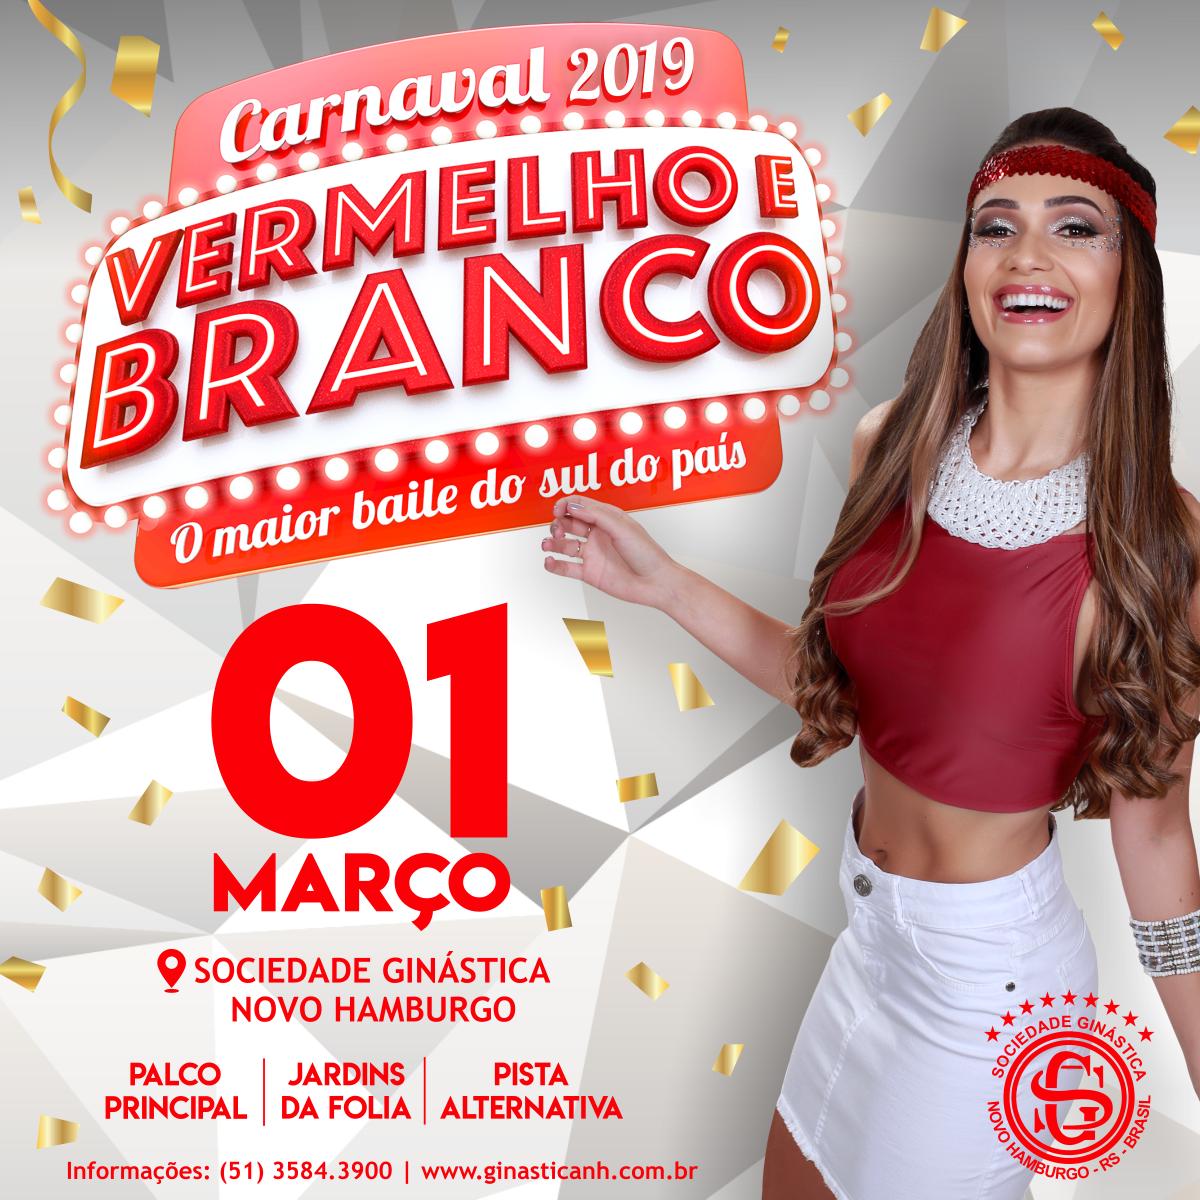 Vermelho e Branco 2019: o maior baile de carnaval do sul do país